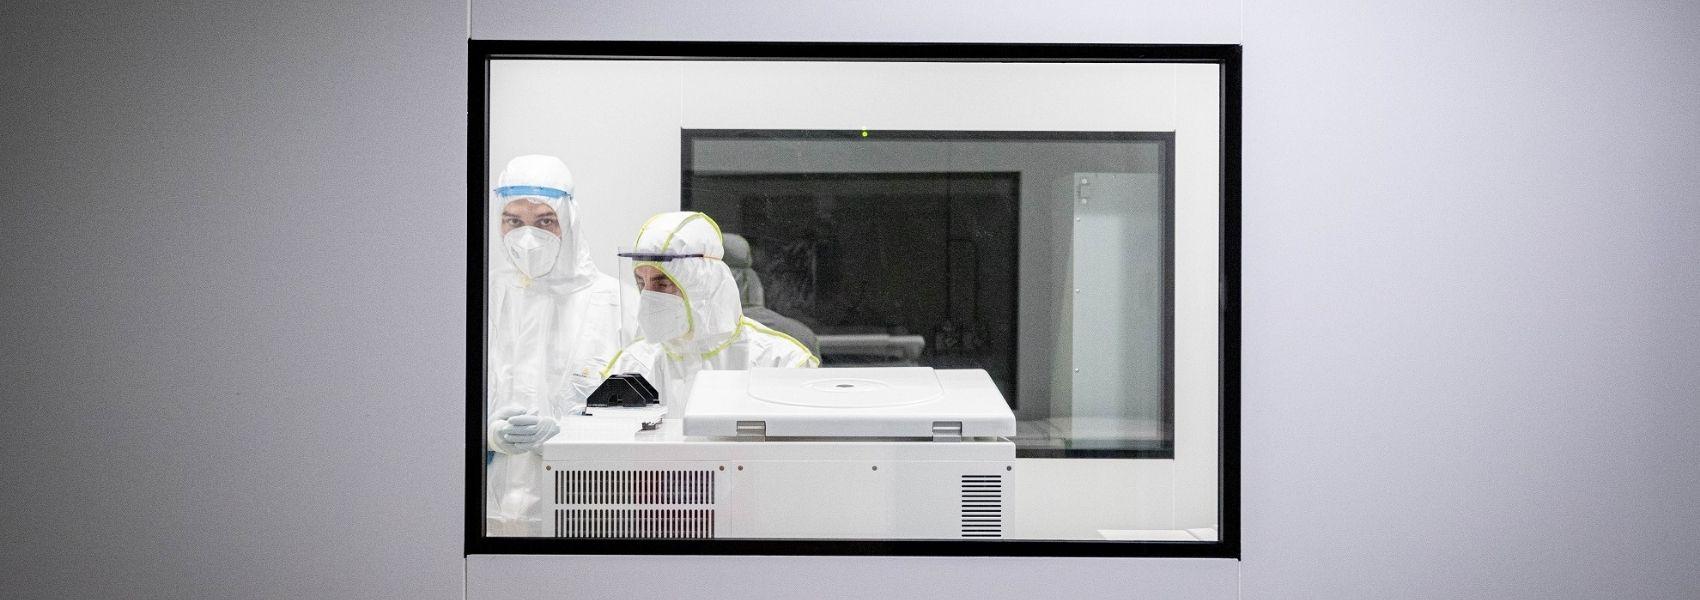 Universidade de Aveiro massifica testes à Covid-19 combinando saliva, testes e plataforma digital